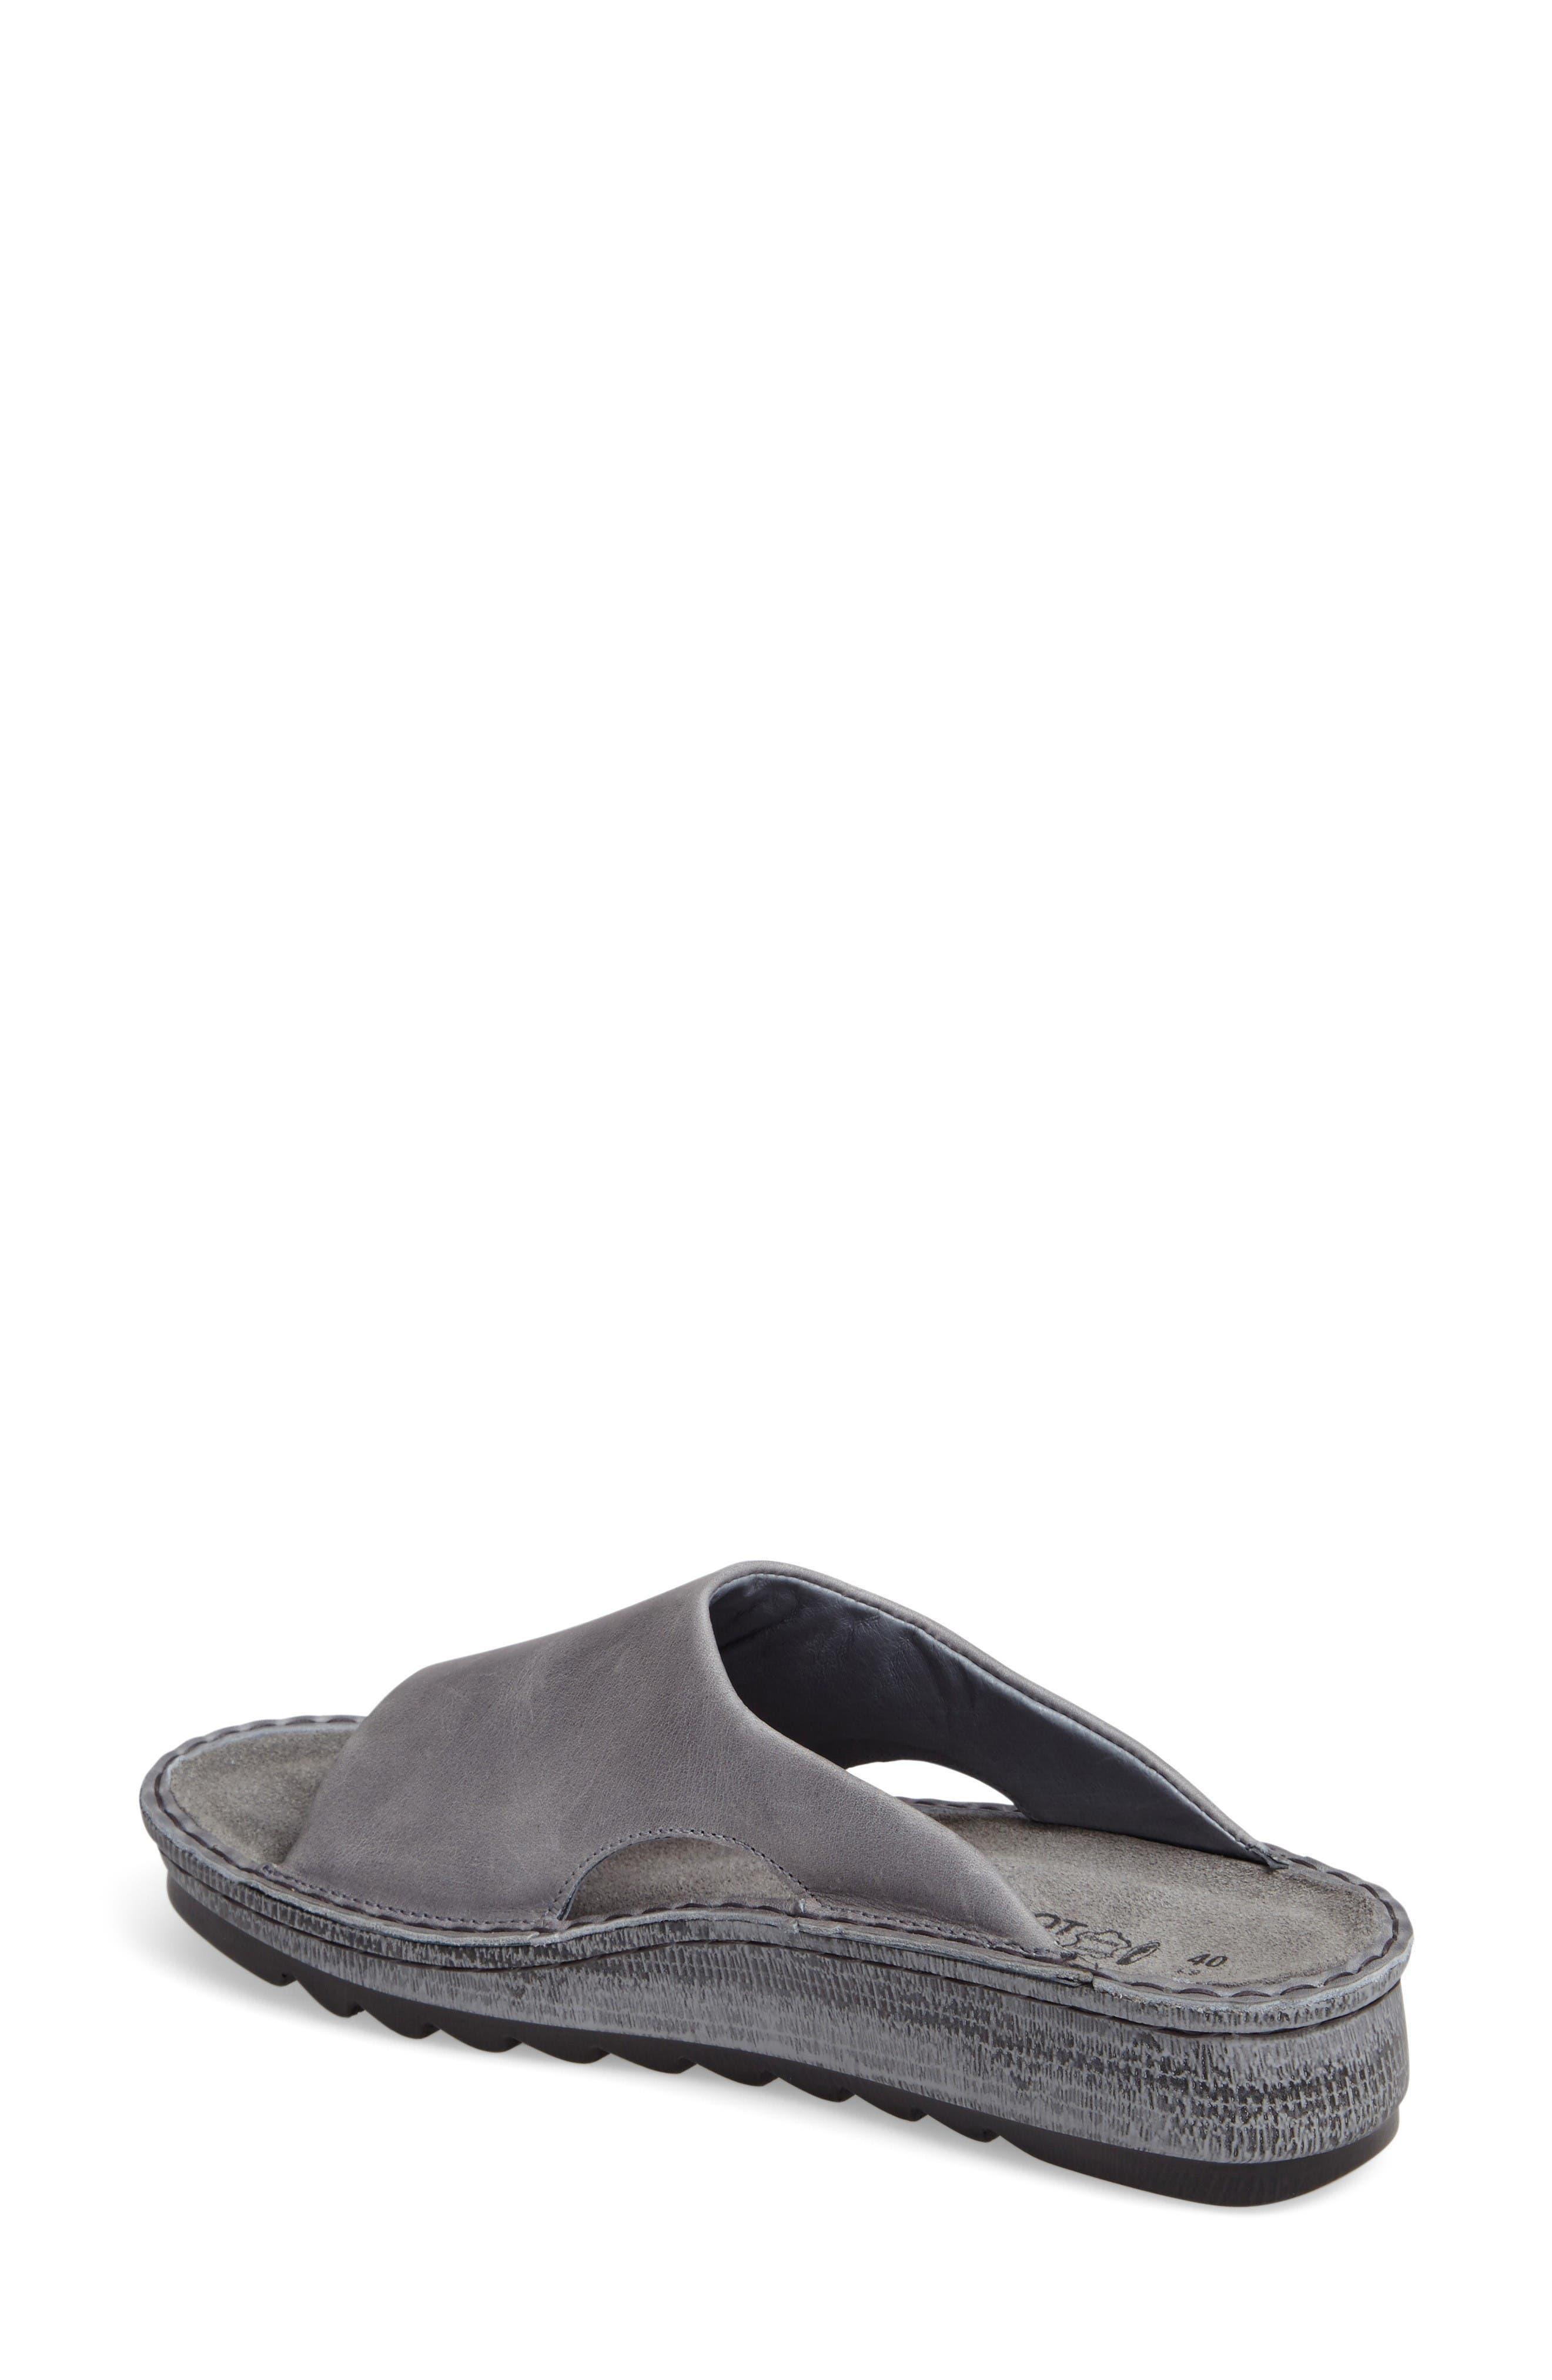 Alternate Image 2  - Naot 'Ardisia' Slide Sandal (Women)